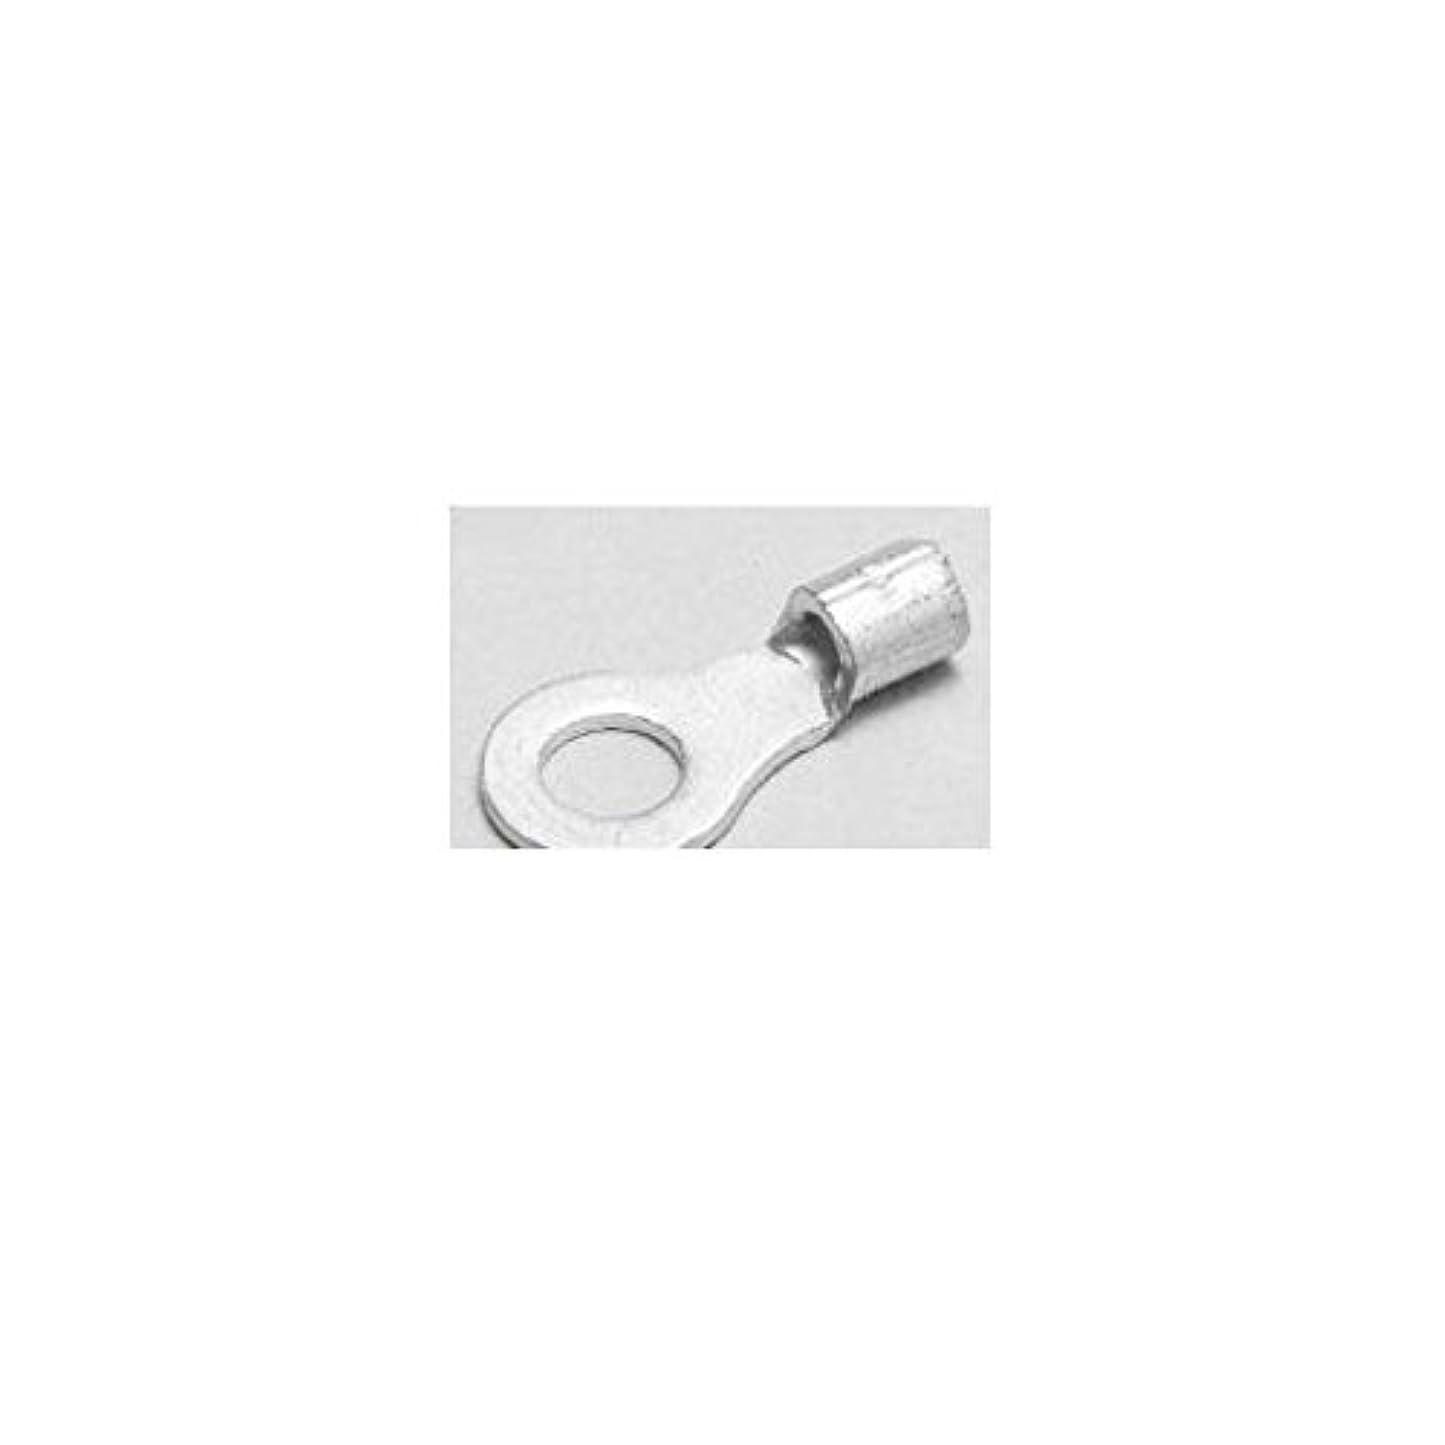 札入れ遠征クックDS39481 【100個入】 銅線用 裸圧着端子 (R形)丸形